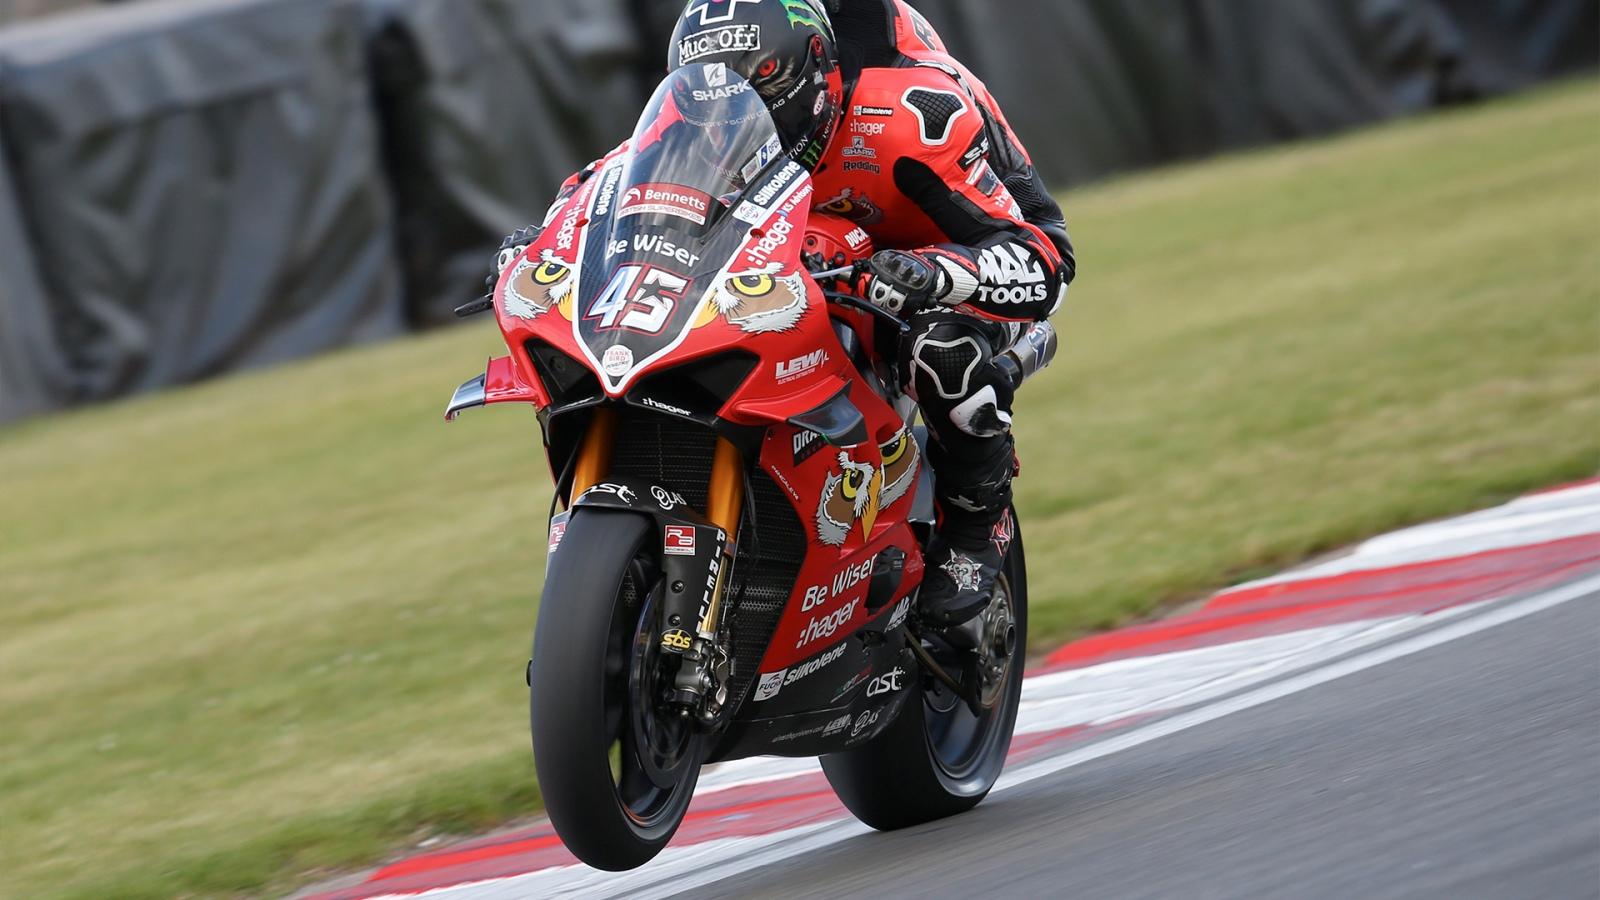 Scott Redding debutará en el Mundial de Superbike con una Ducati Panigale V4 R